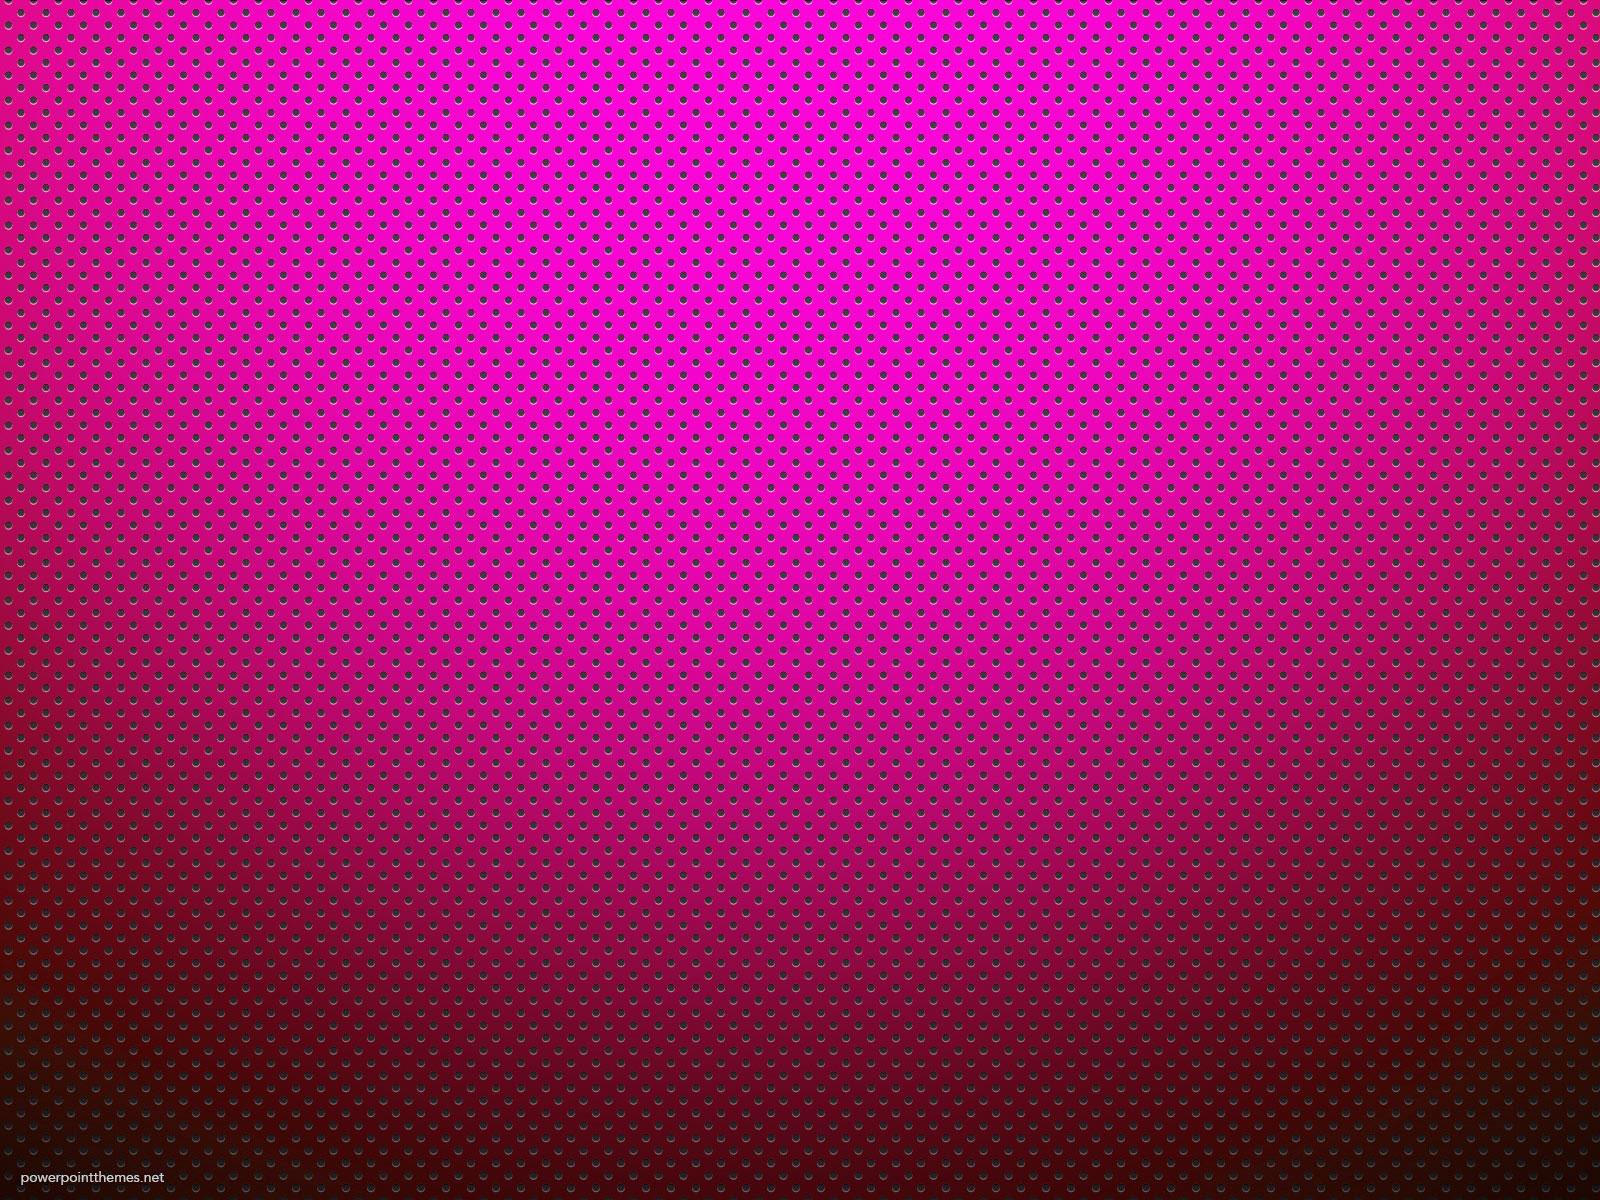 Pink Polkadot Background